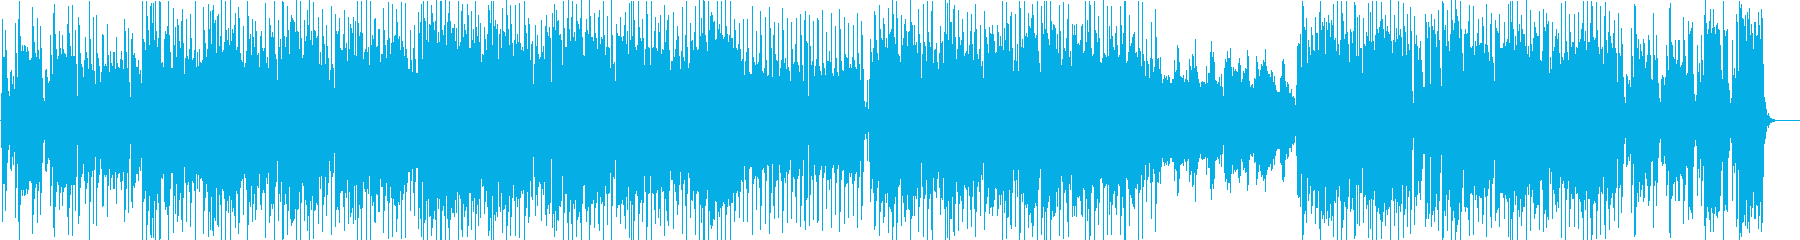 生録フルート入りブラジリアン・ジャズの再生済みの波形